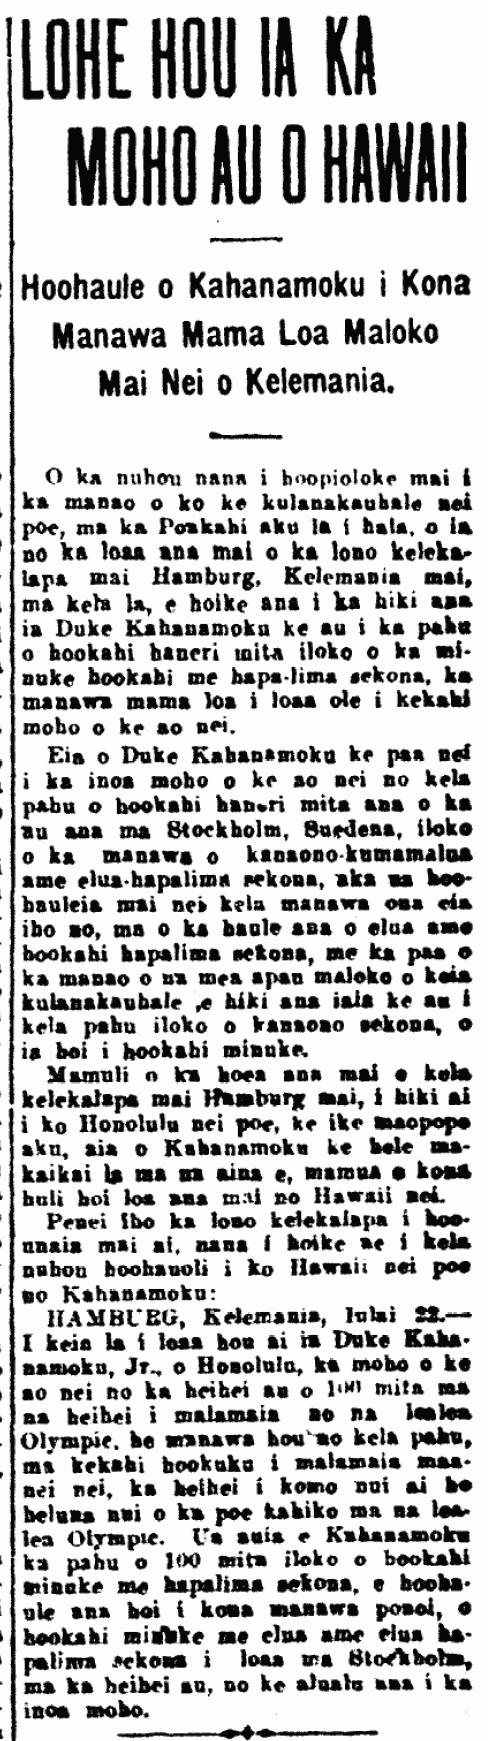 LOHE HOU IS KA MOHO AU O HAWAII